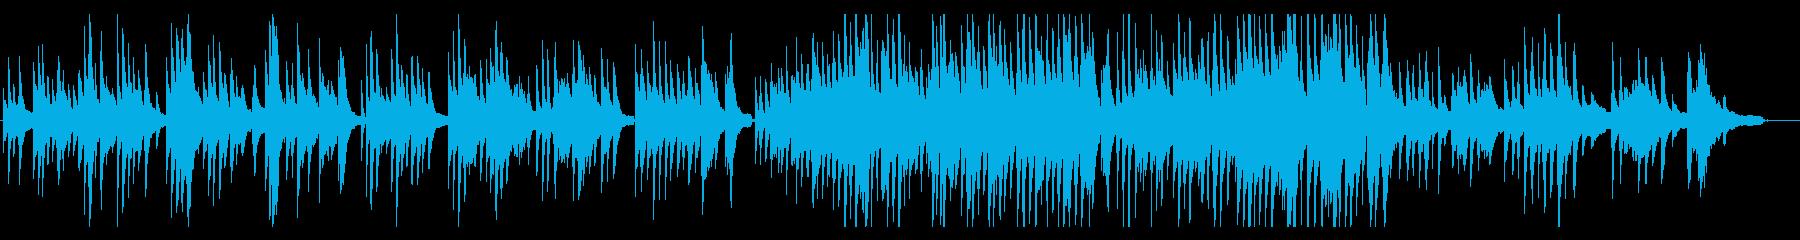 ピアノソロ ダニーボーイの再生済みの波形